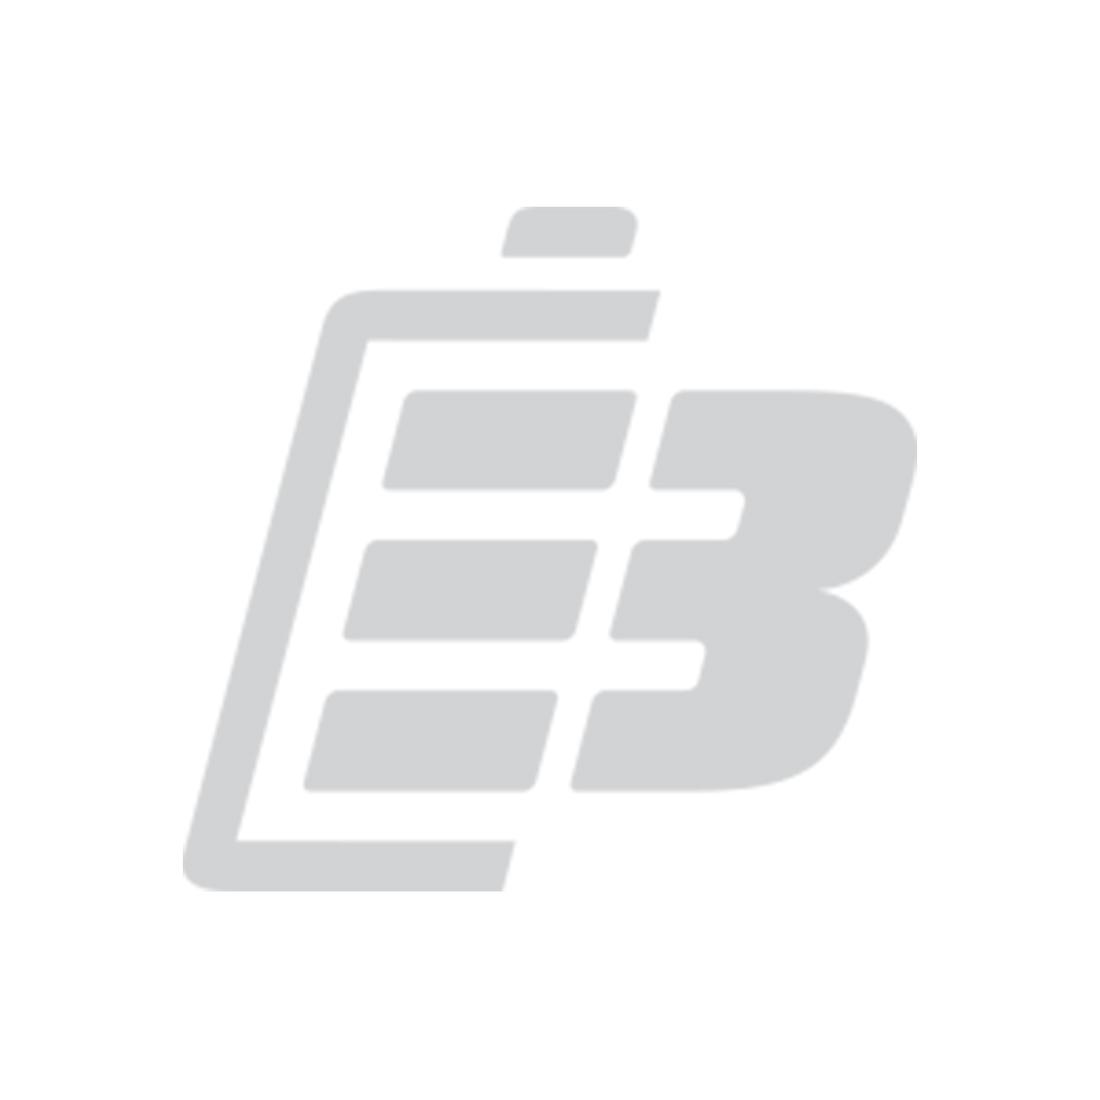 Mobile phone battery Blackberry 7290_1